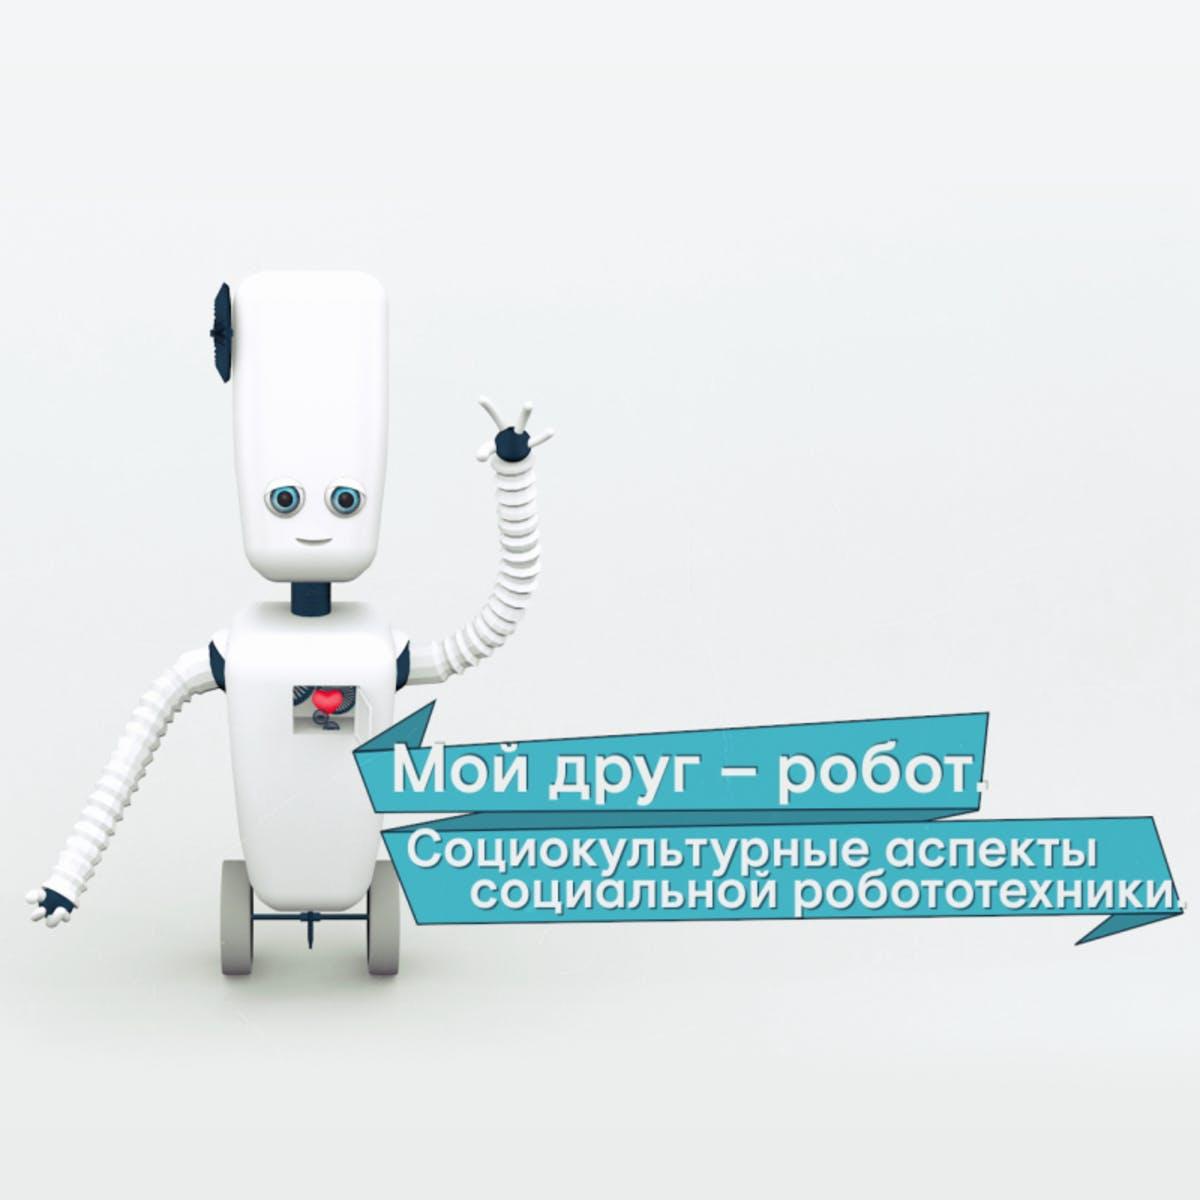 Мой друг - робот: введение в социальную робототехнику / My Friend is a Robot: Introduction to Social Robotics